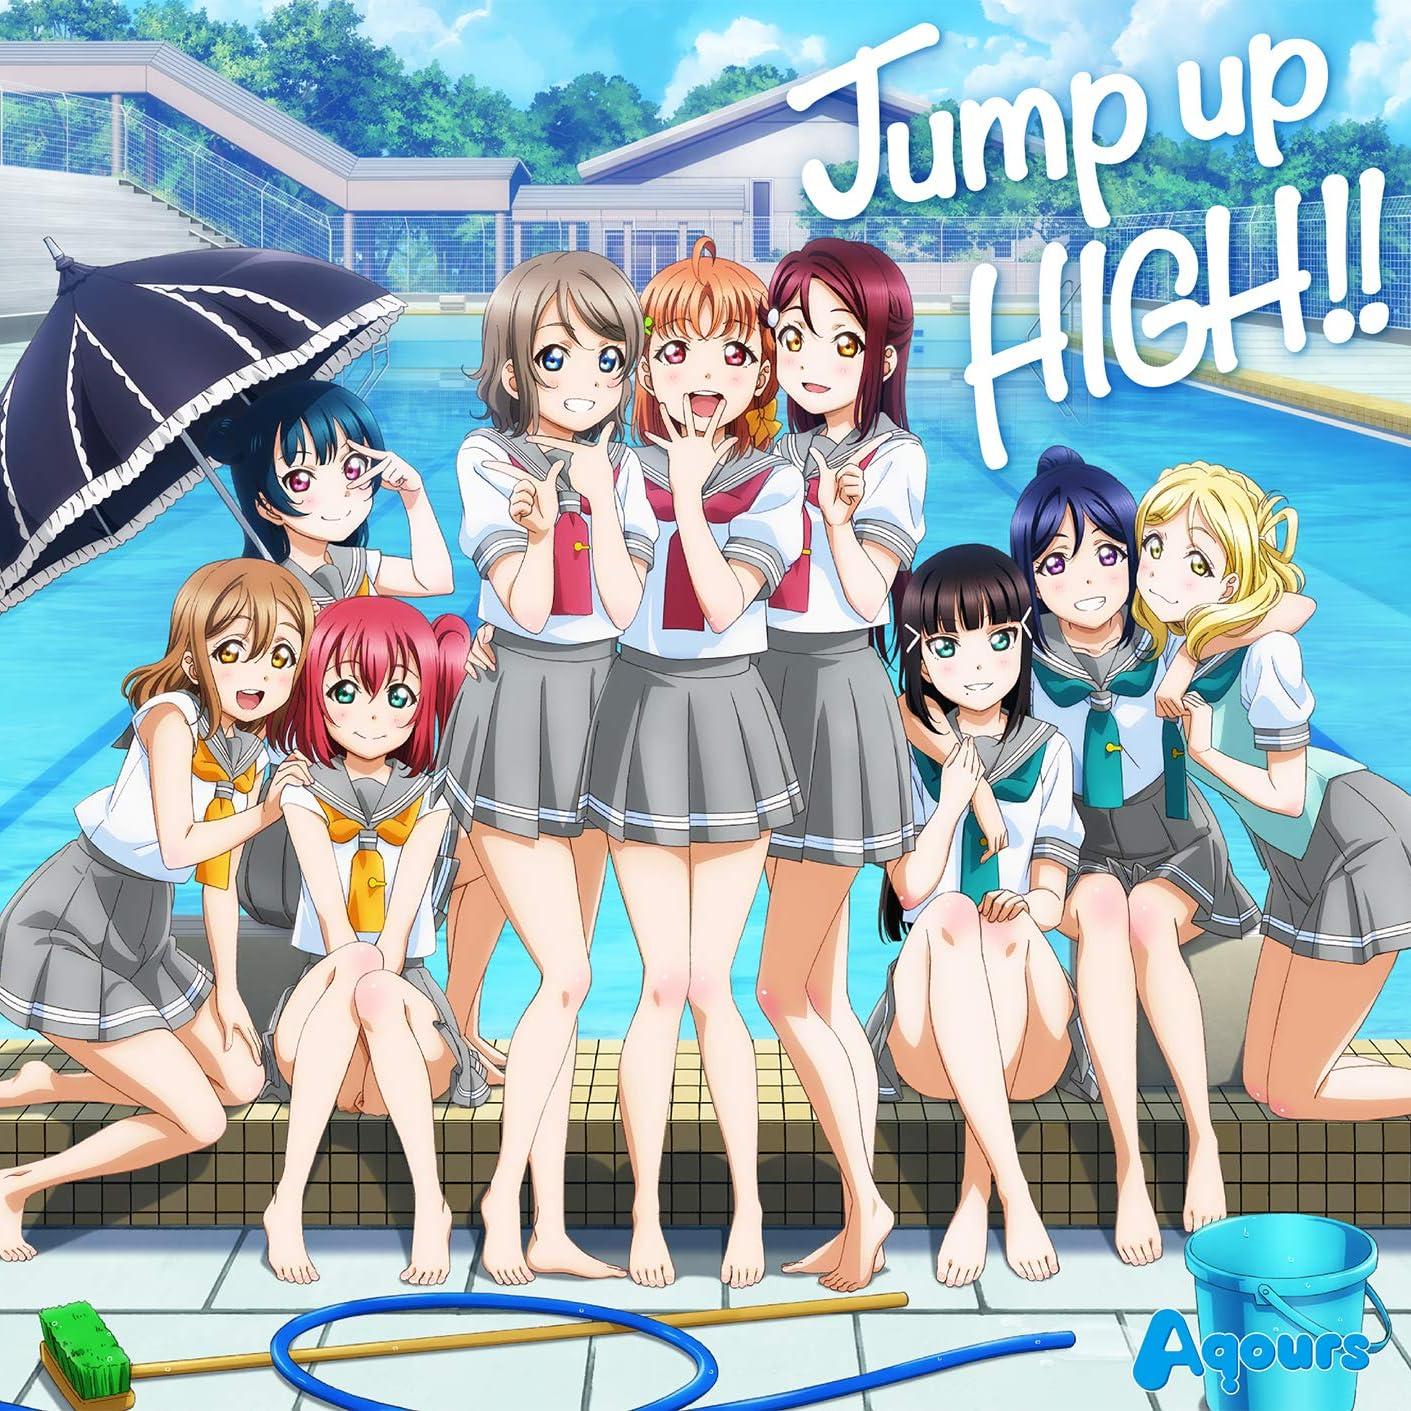 ラブライブ Ipad壁紙 Jump Up High Aqours アニメ スマホ用画像